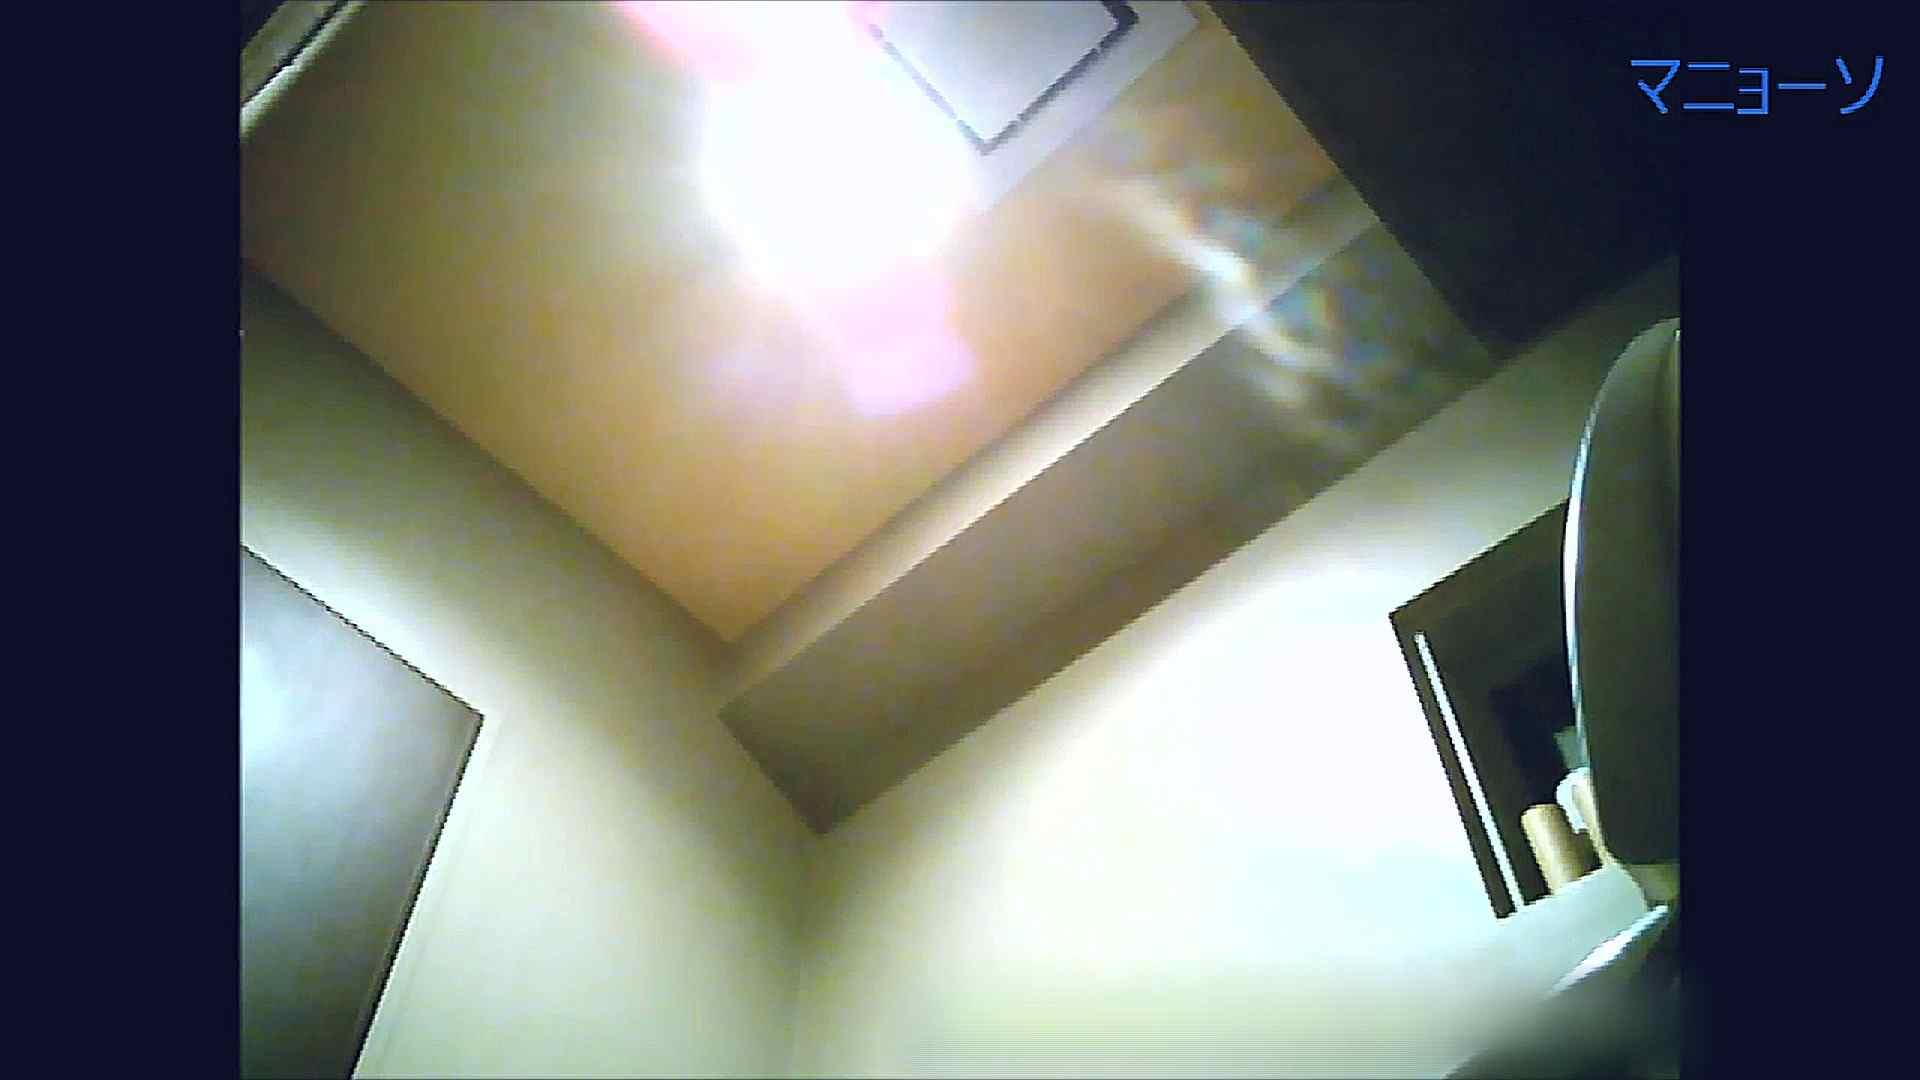 トイレでひと肌脱いでもらいました (OL編)Vol.13 OLのボディ | トイレの実態  87PIX 87